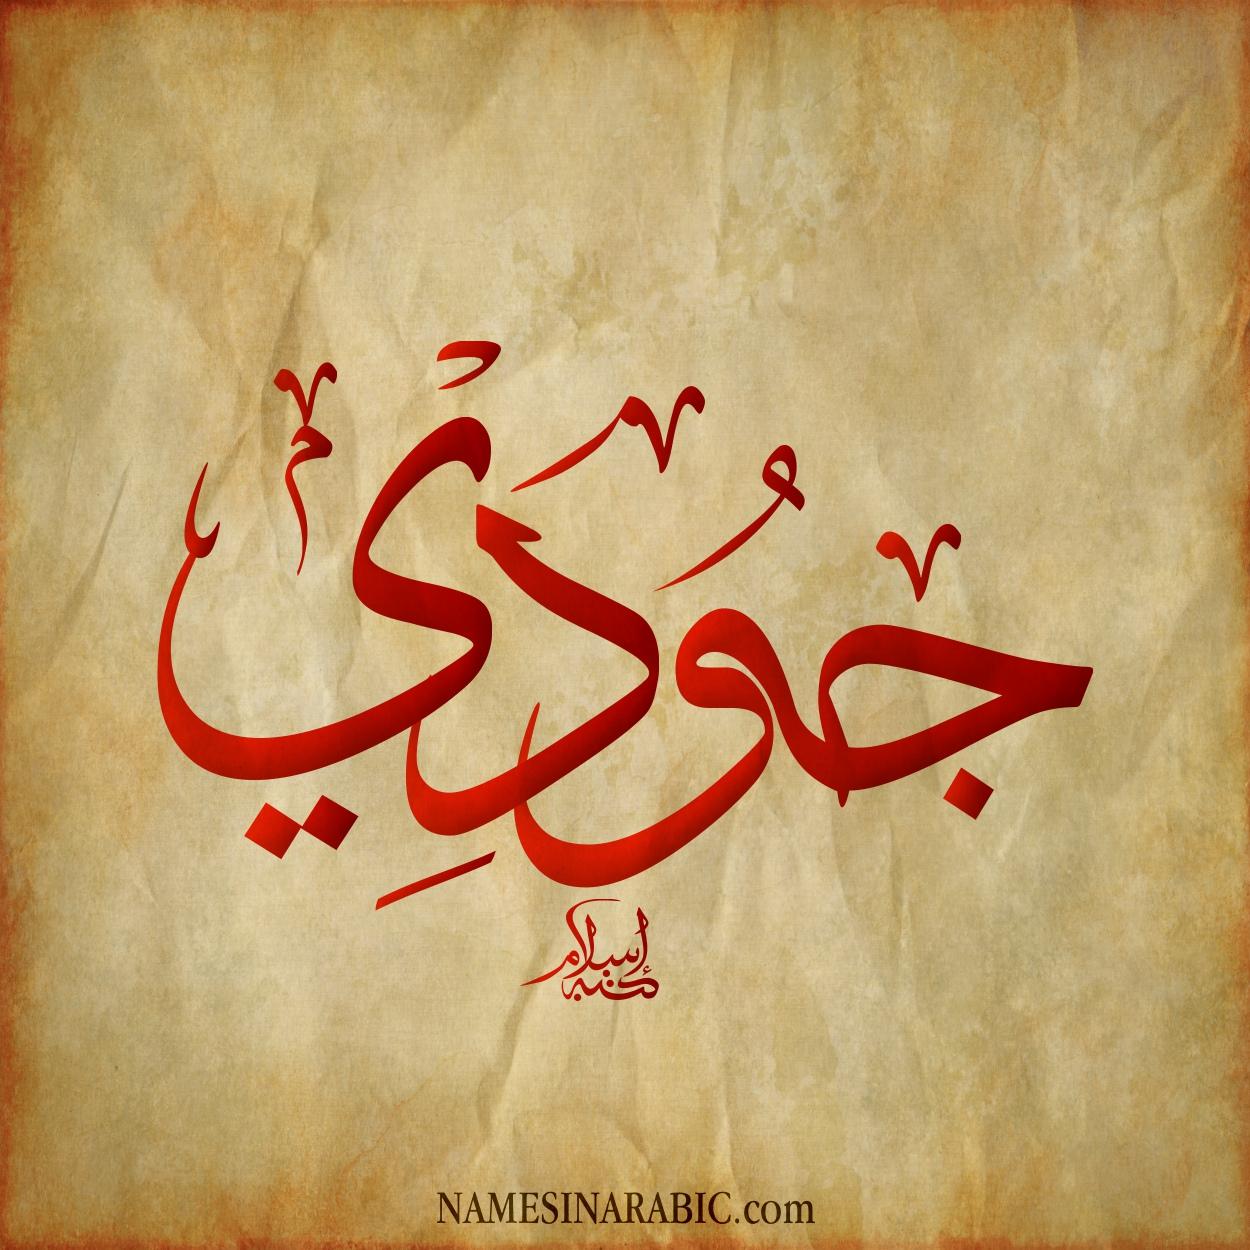 صورة اسم جودي judy اسم جودي بالخط العربي من موقع الأسماء بالخط العربي بريشة الفنان إسلام ابن الفضل